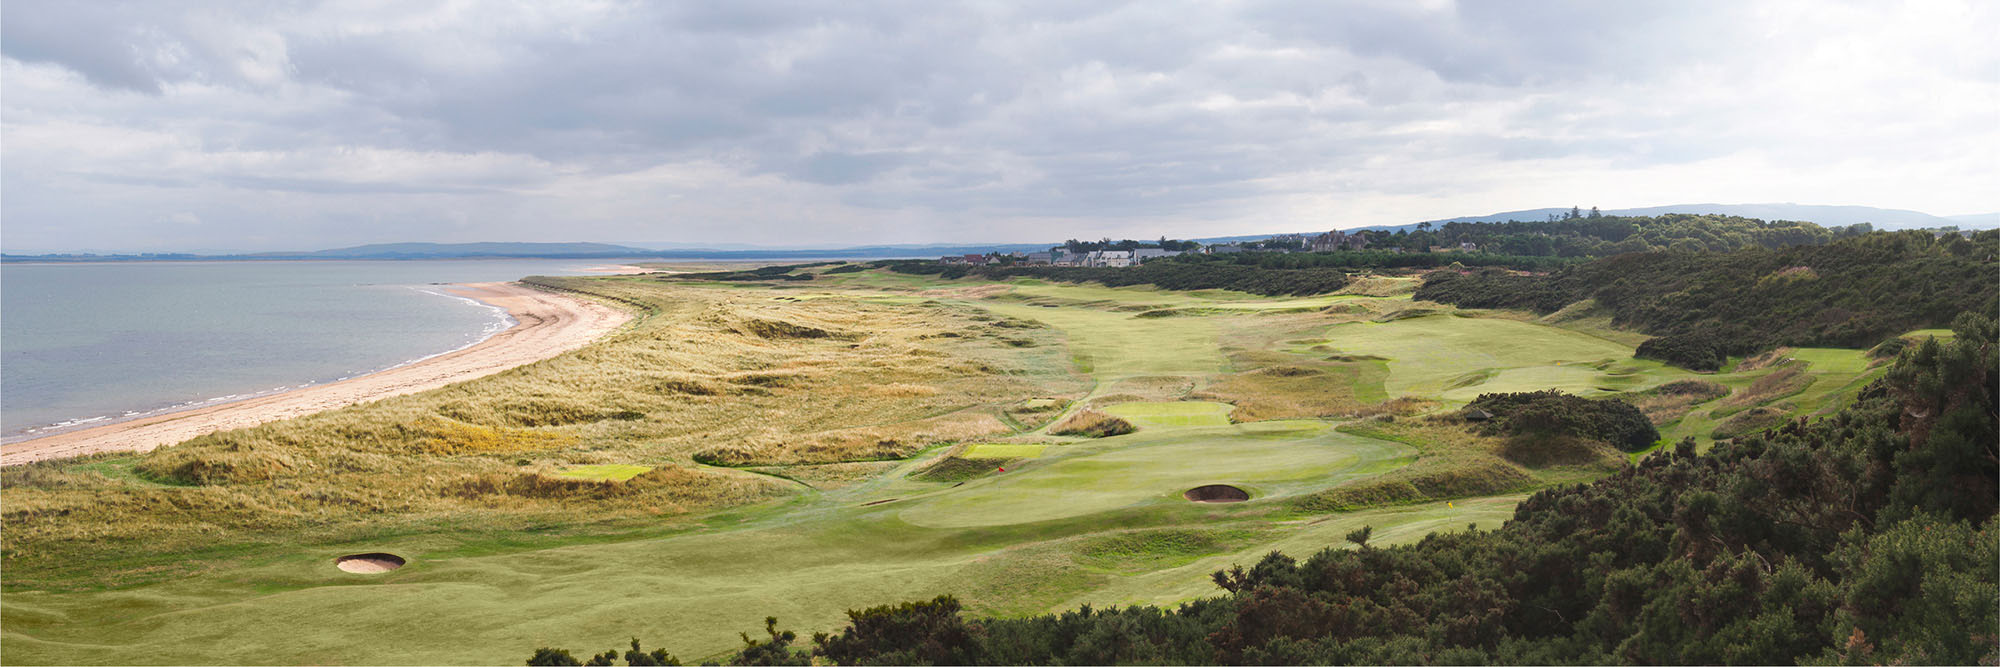 Golf Course Image - Royal Dornoch No. 11